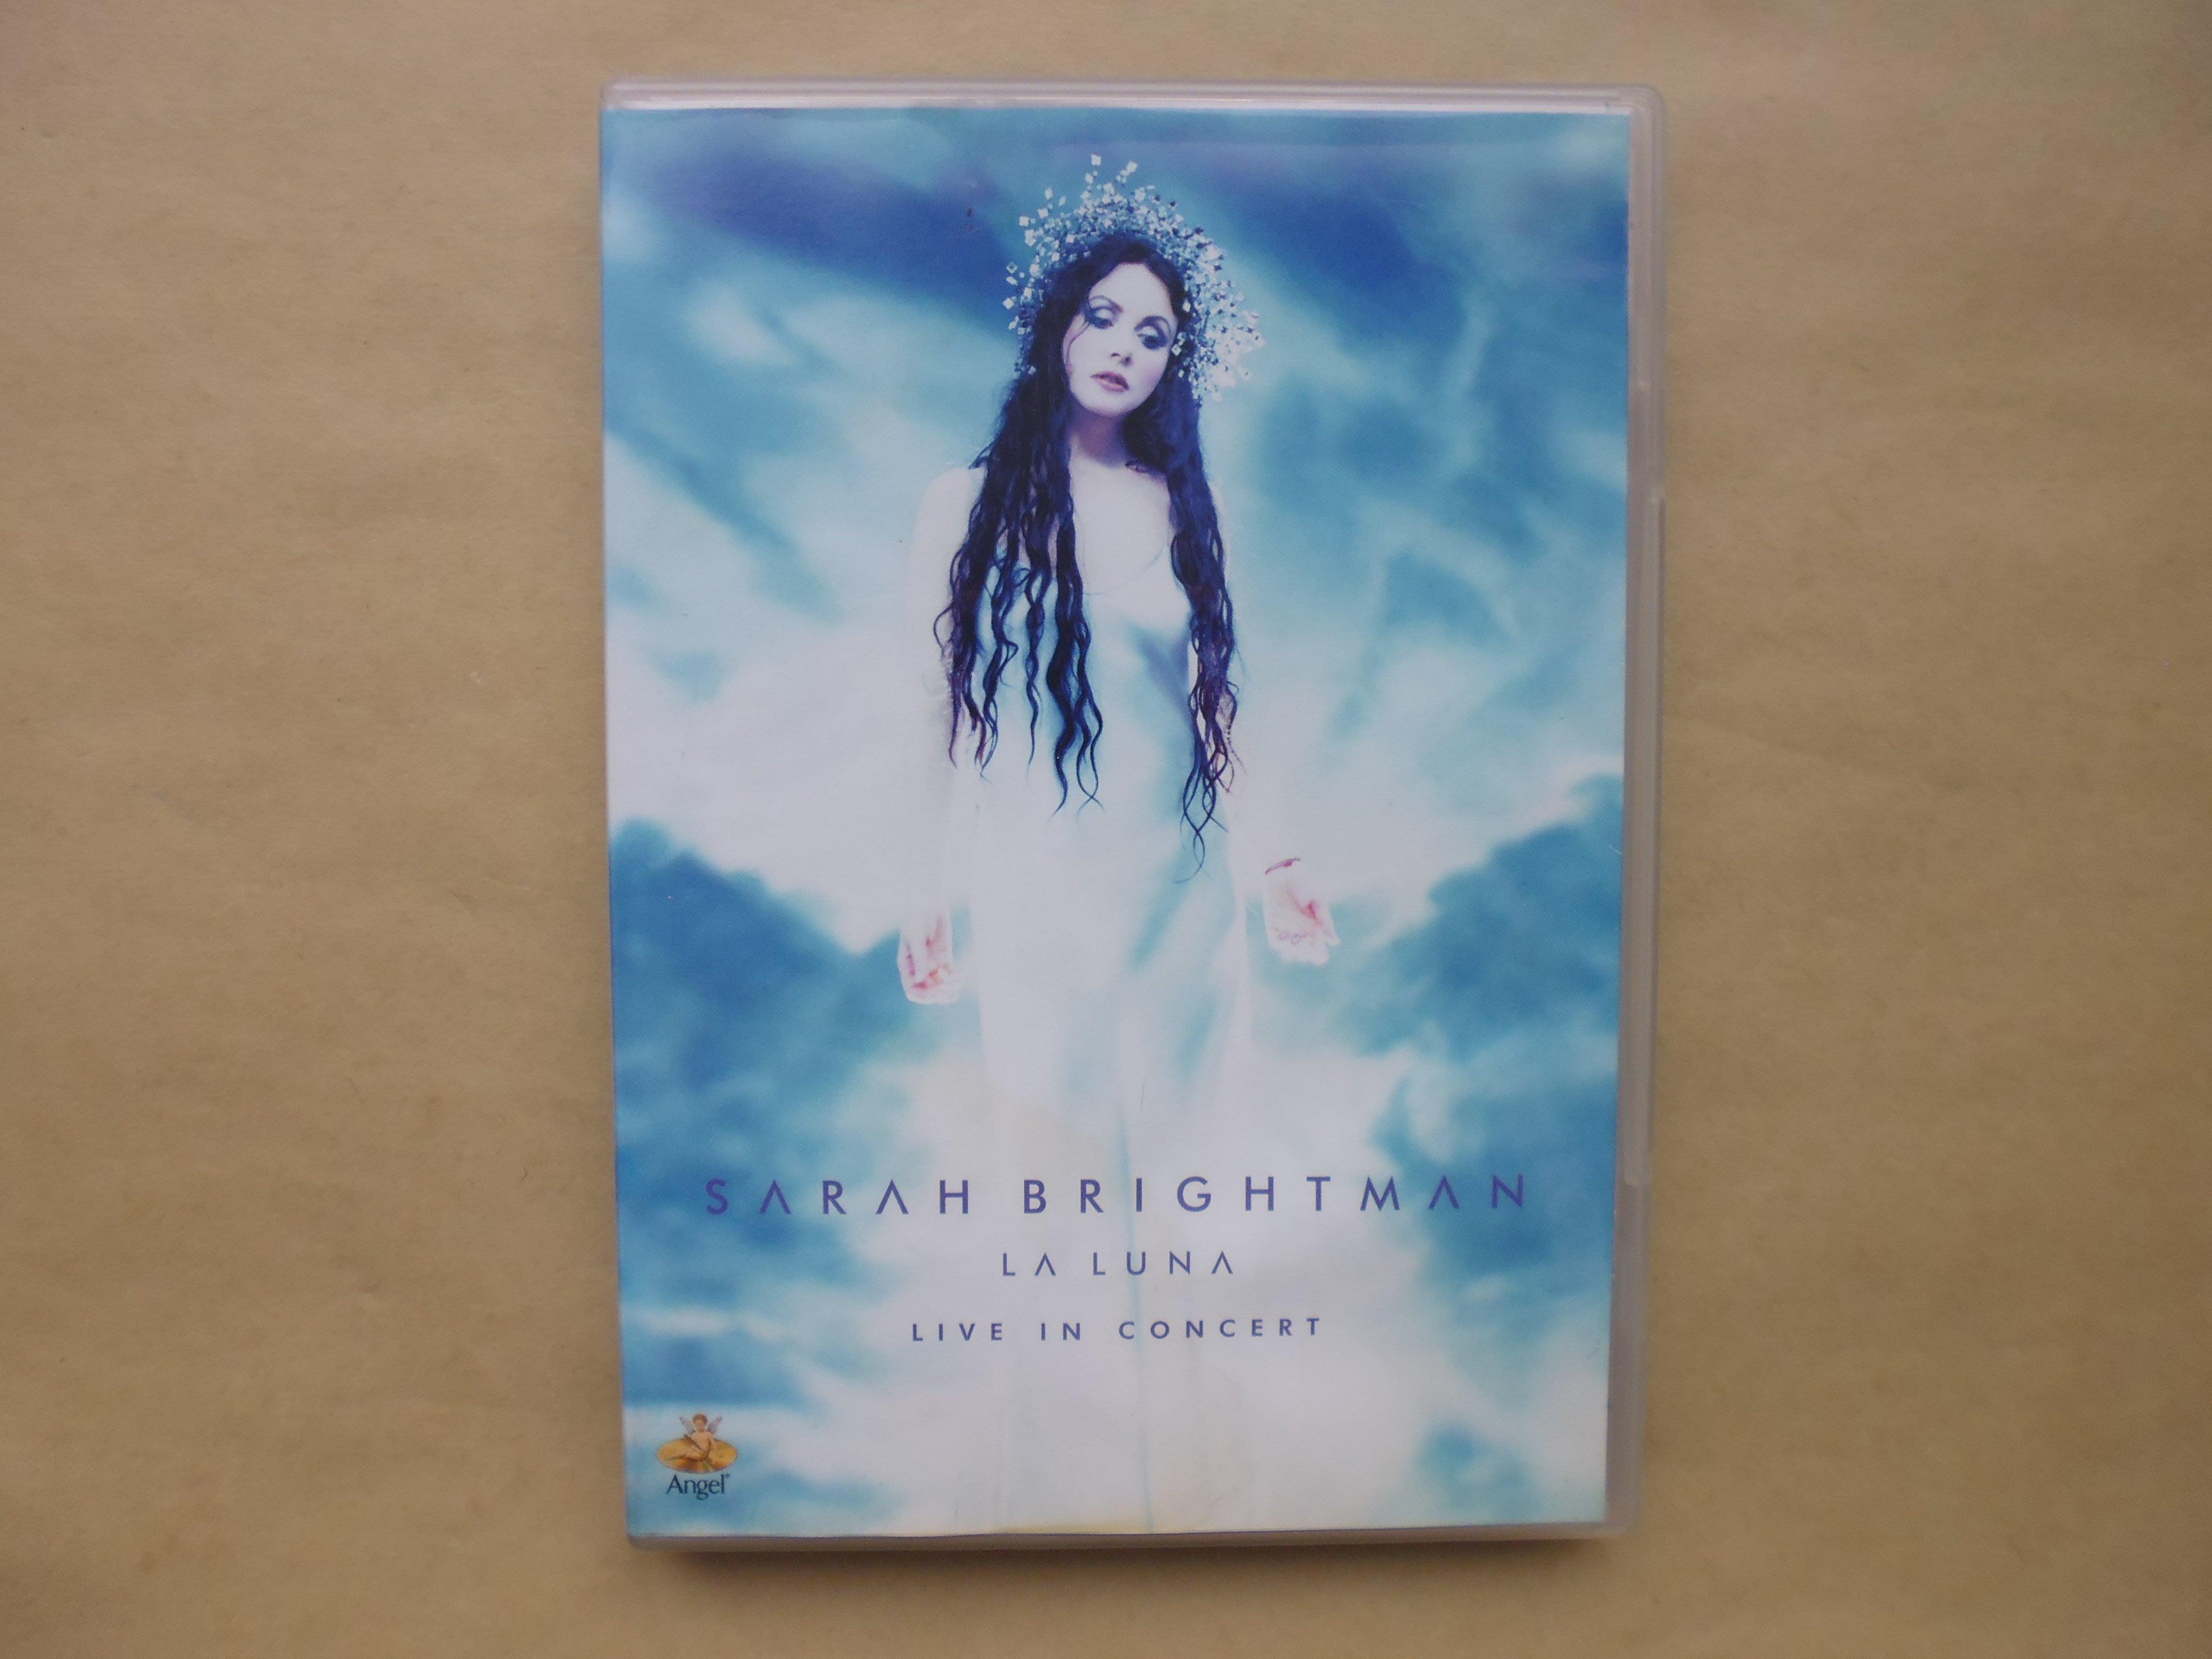 明星錄*2000年莎拉布萊曼.月光女神現場演唱會.二手DVD.共26首=附側標(k377)